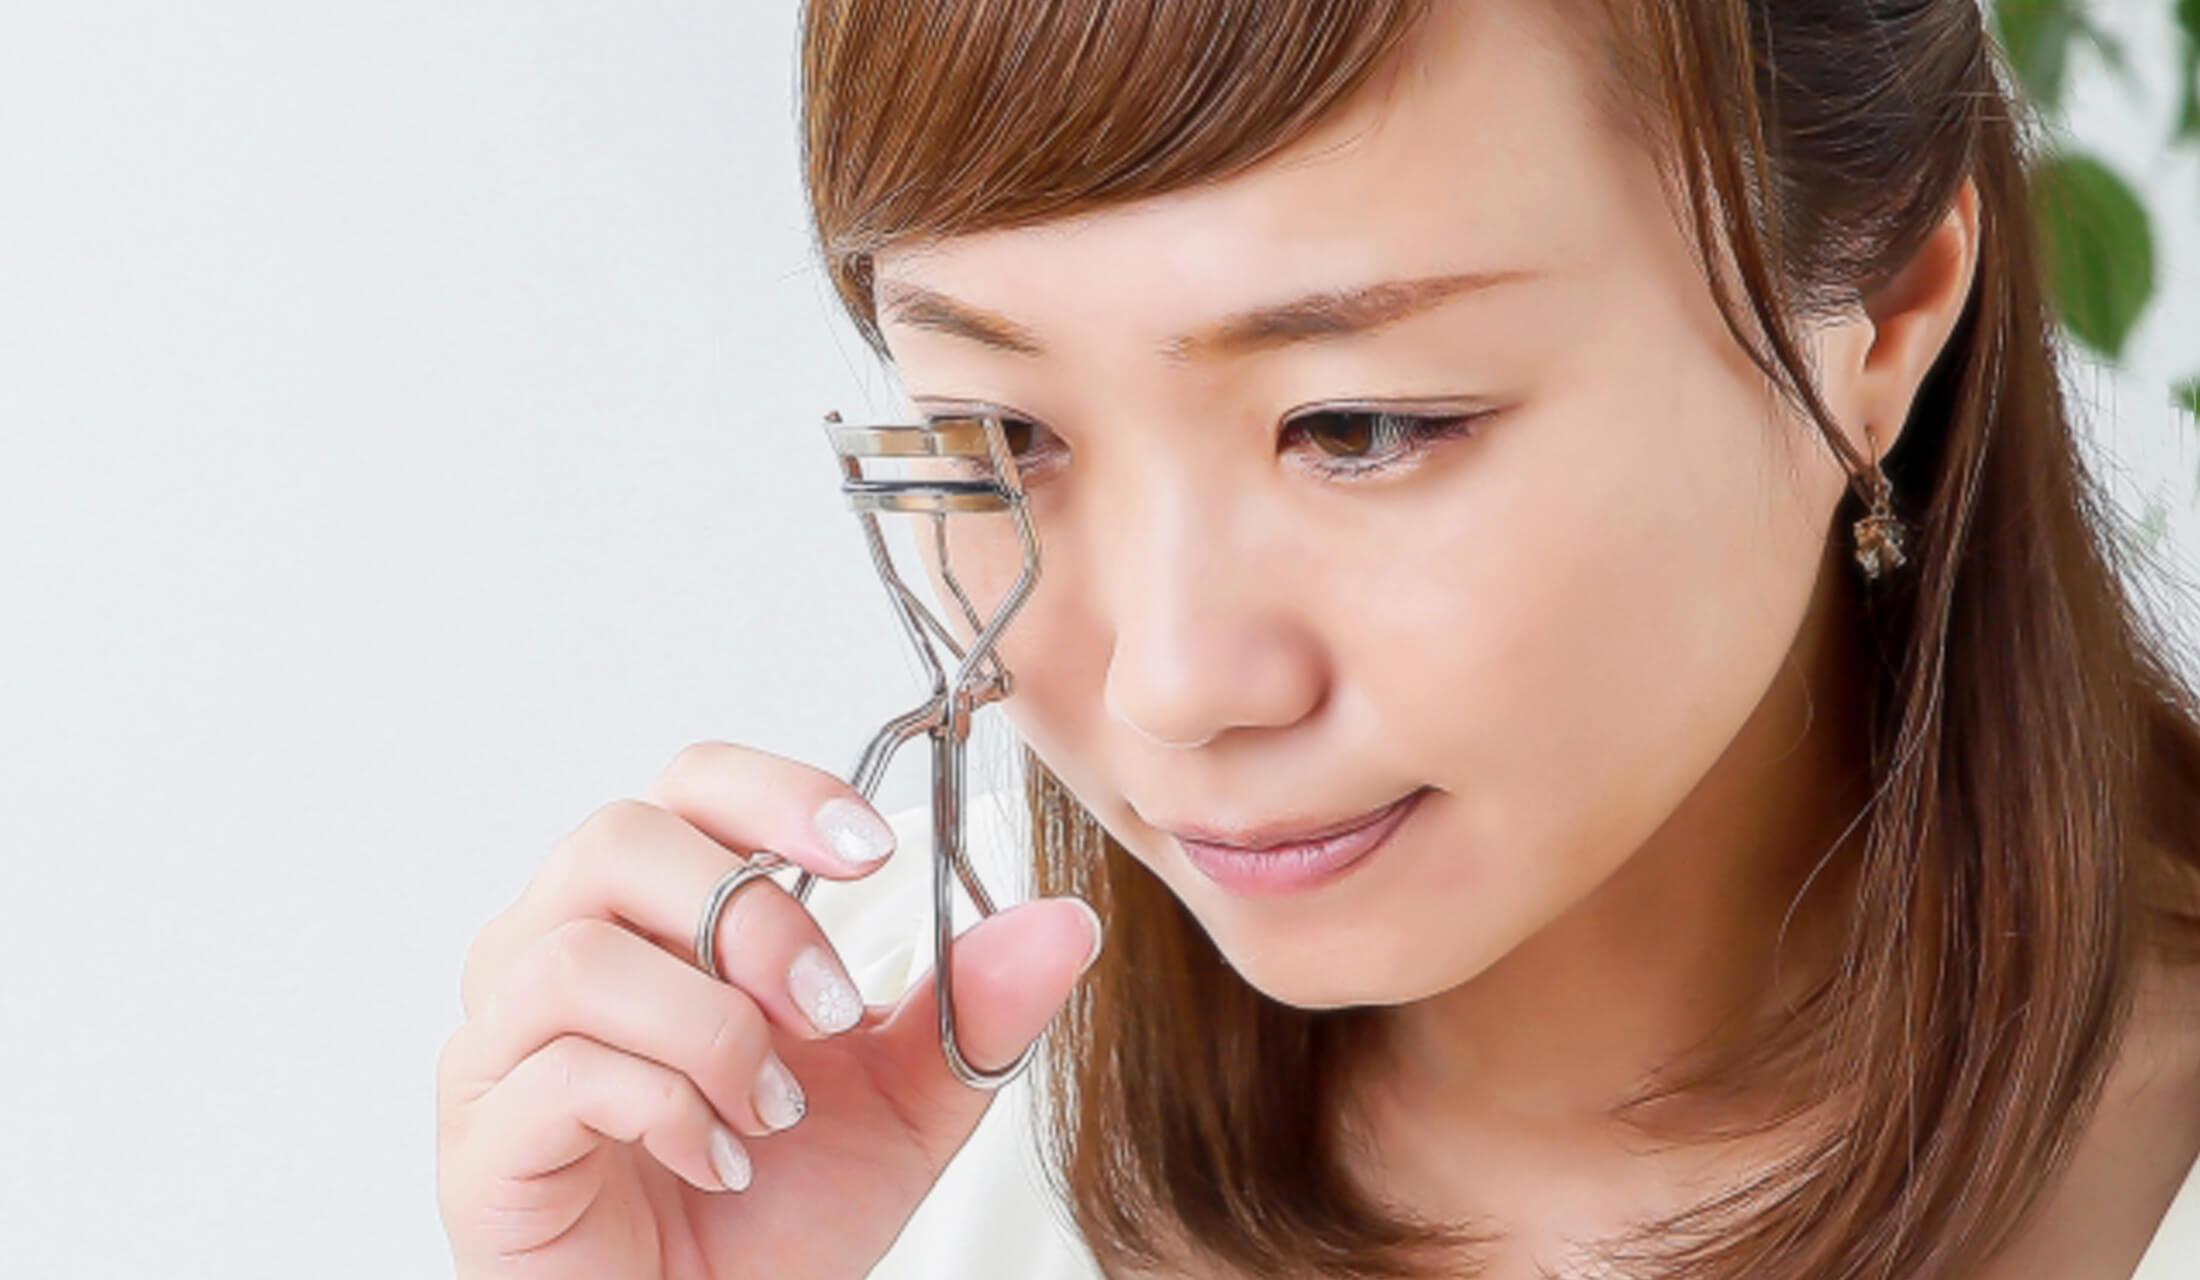 女性がアイラッシュカーラー を使って右目のまつ毛にカールをつけている